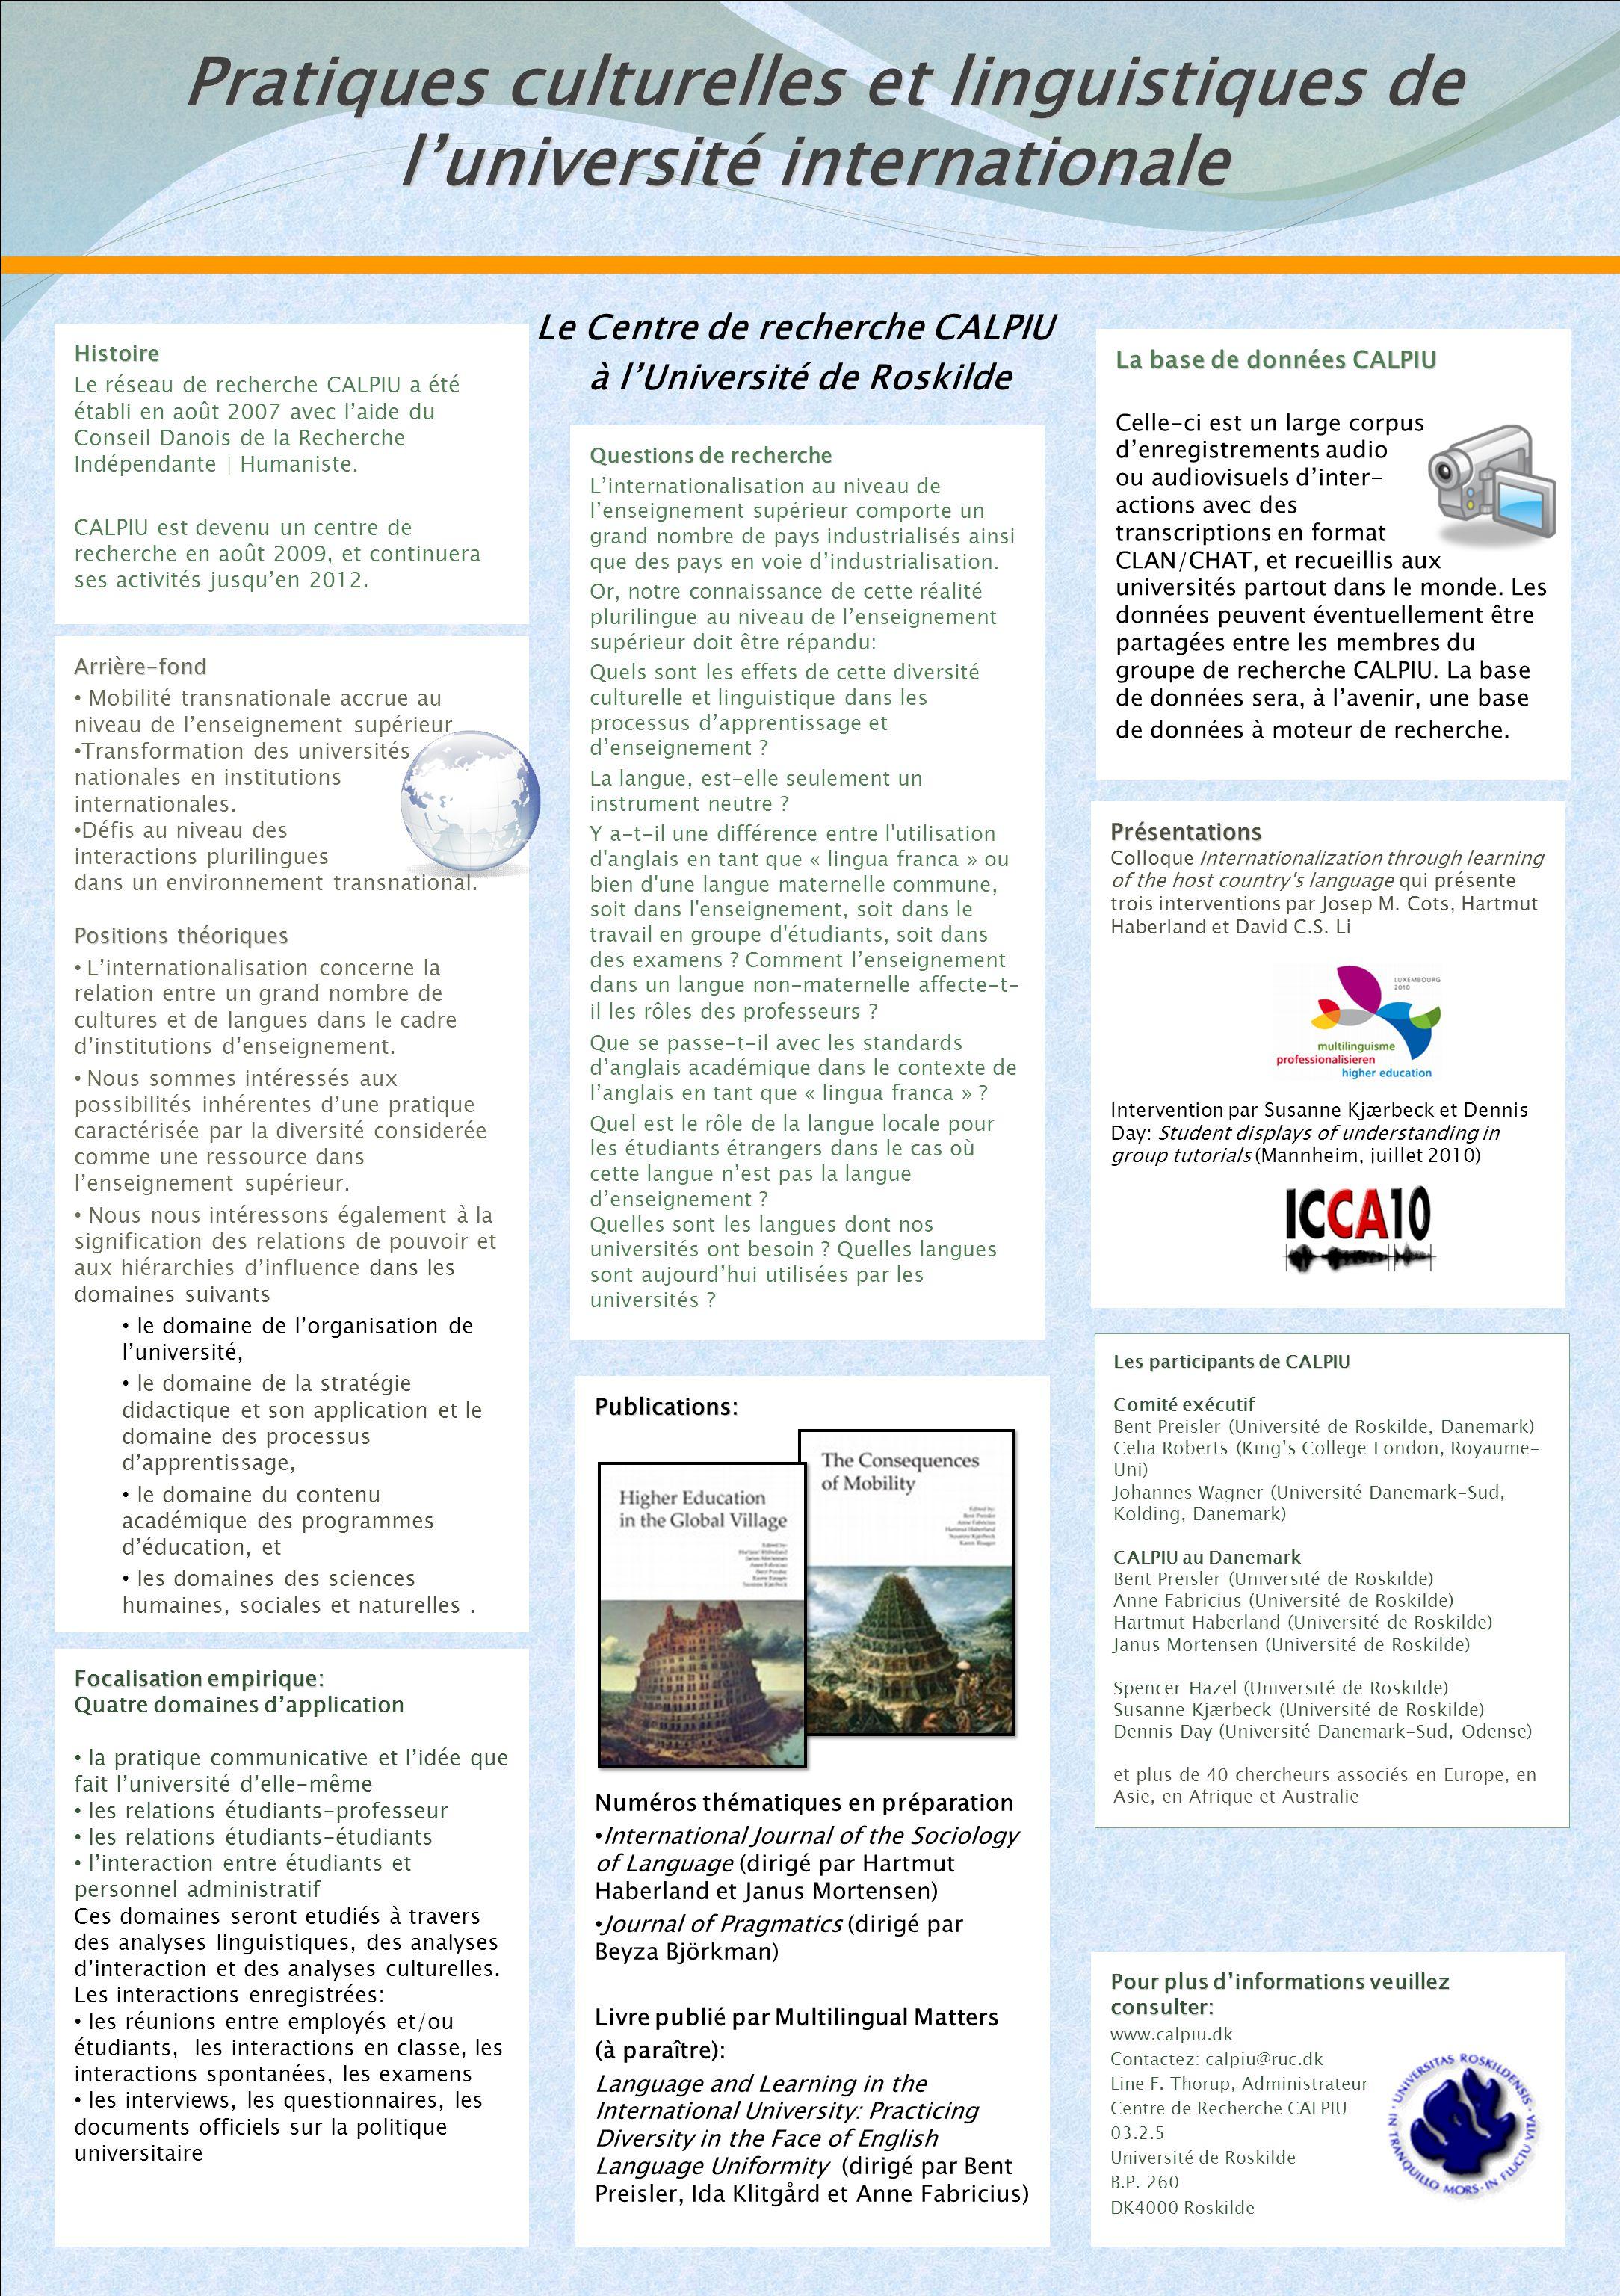 Kulturelle und sprachliche Praxis der internationalen Universität Geschichte Das CALPIU-Forschernetzwerk wurde im August 2007 mit Unterstützung des dänischen Forschungsrats für unabhängige Forschung   Geistes- wissenschaften errichtet.